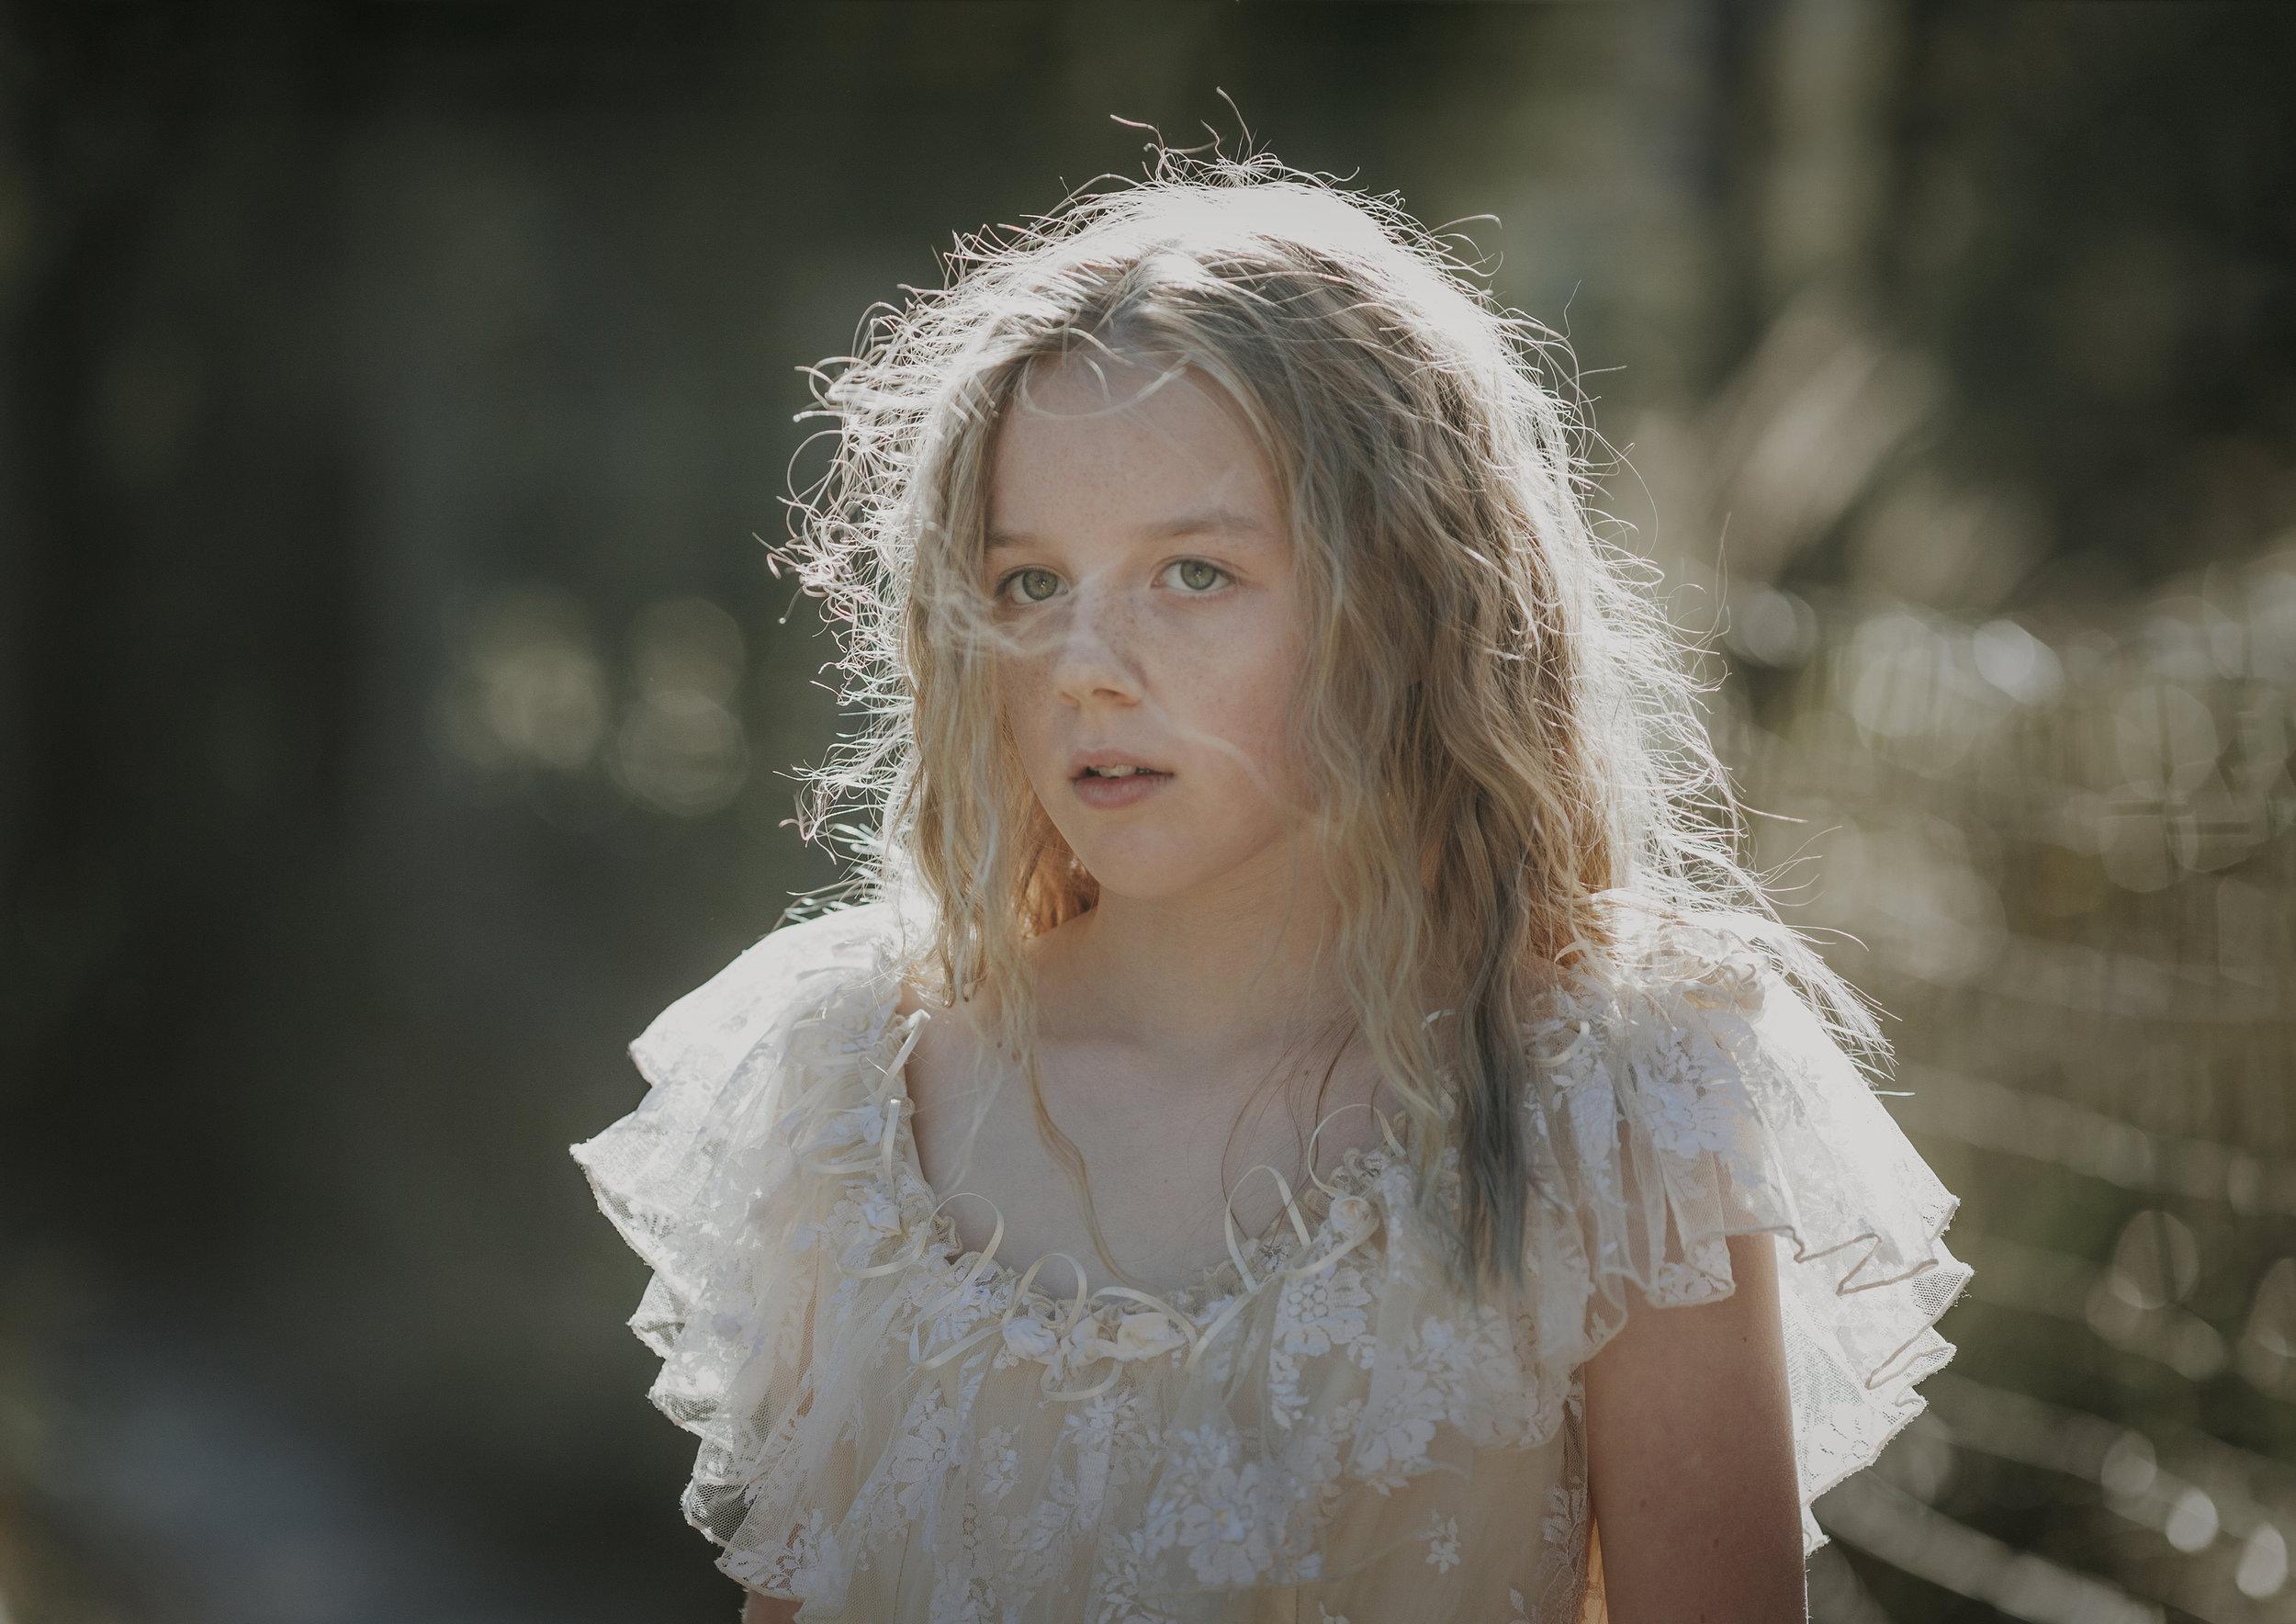 Child Portrait Photographer Melbourne